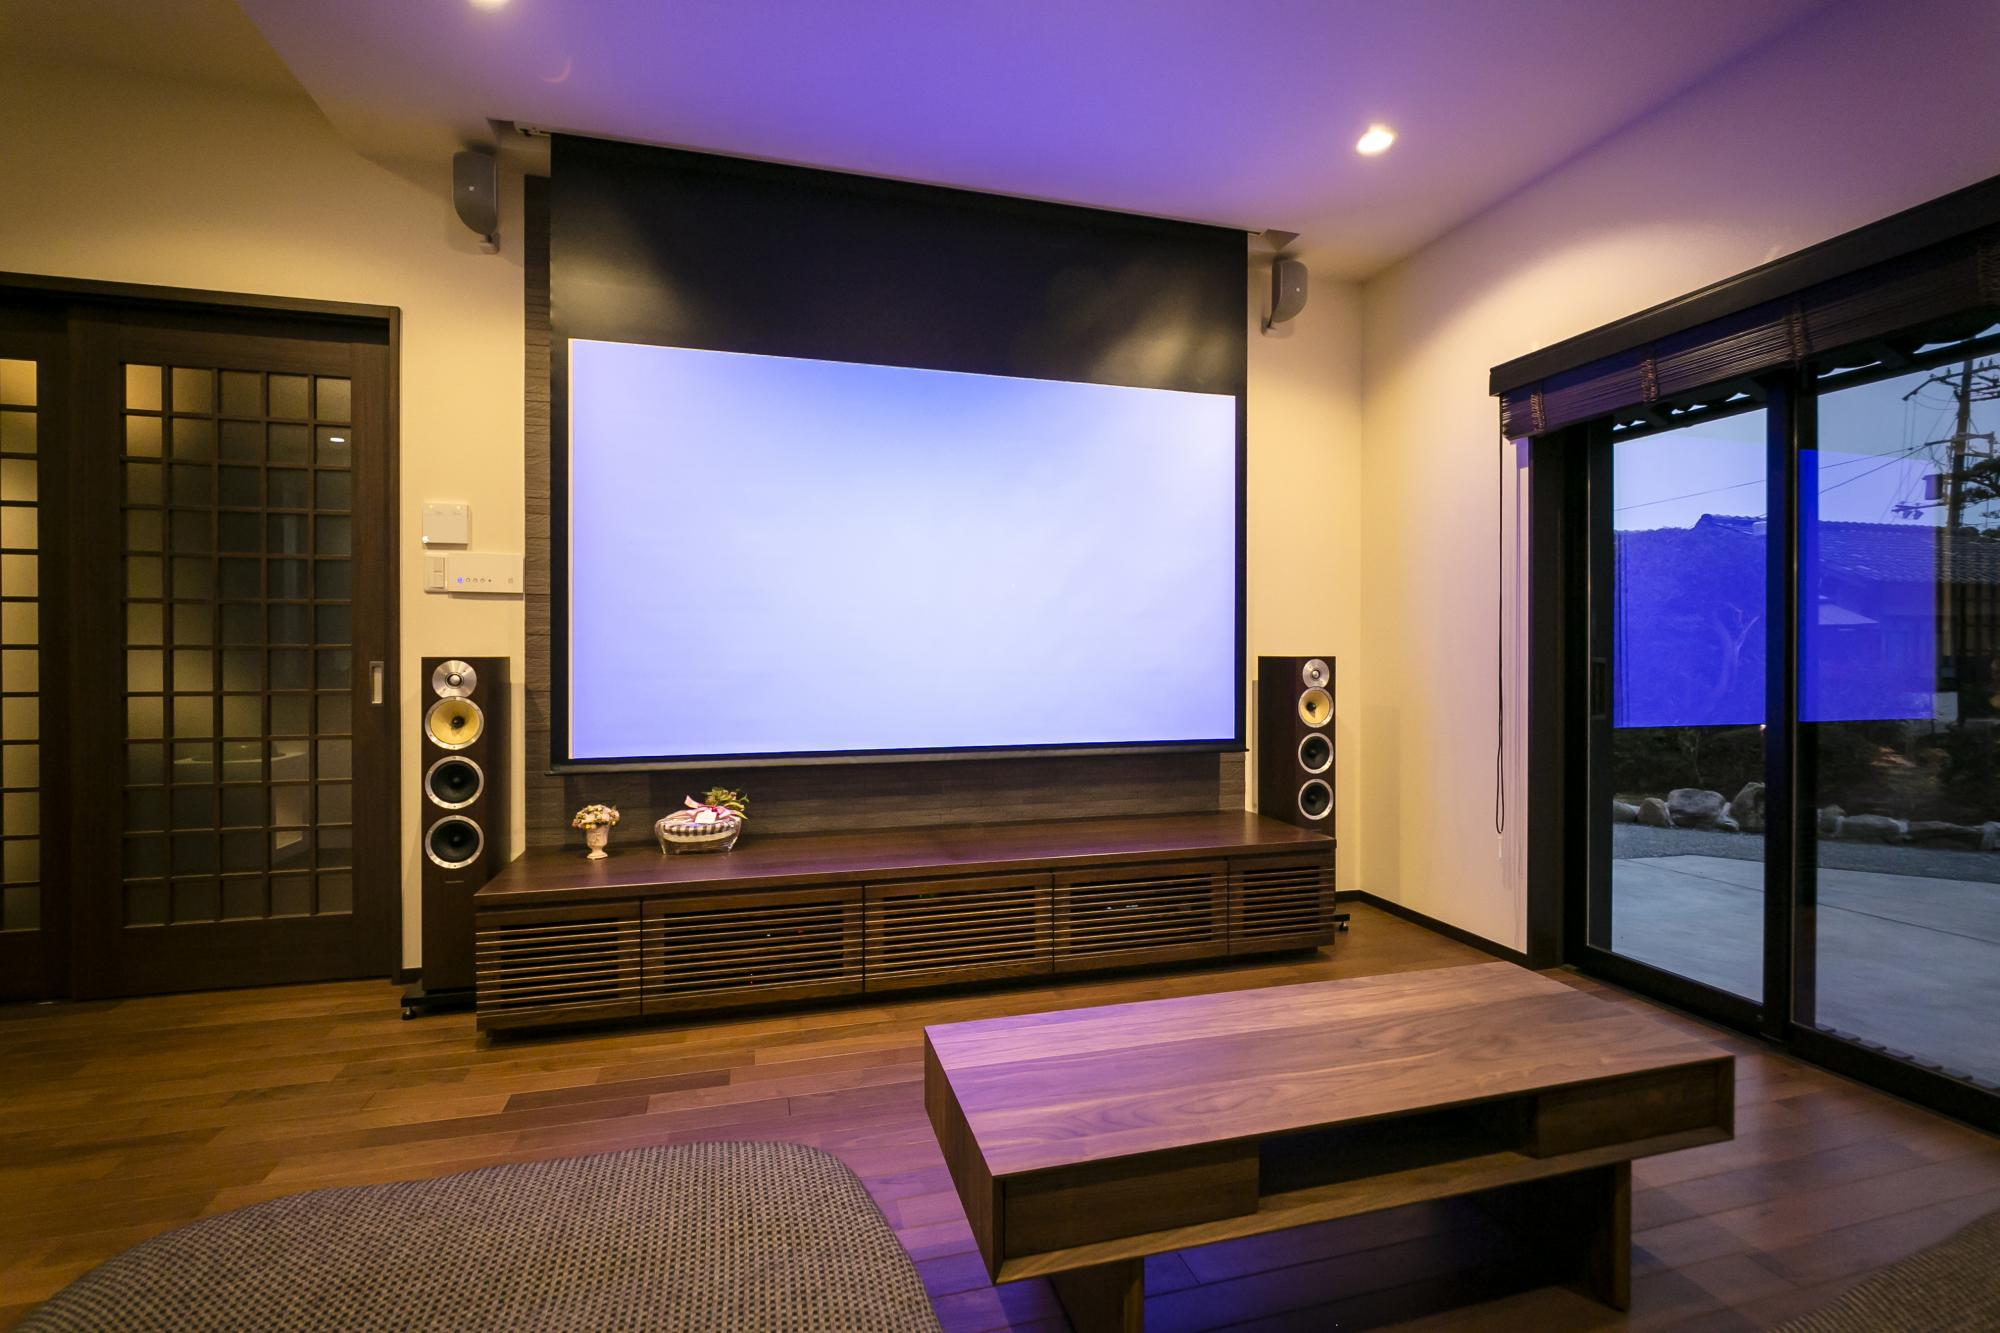 リビングはご主人自慢のホームシアタースペース。迫力ある大画面のスクリーンと臨場感あふれる音響設備を備えた。 LDの梁の部分には最新設備のプロジェクターが。リビングとダイニングとの間に一部壁を設けて空間をゆるやかに分離している。